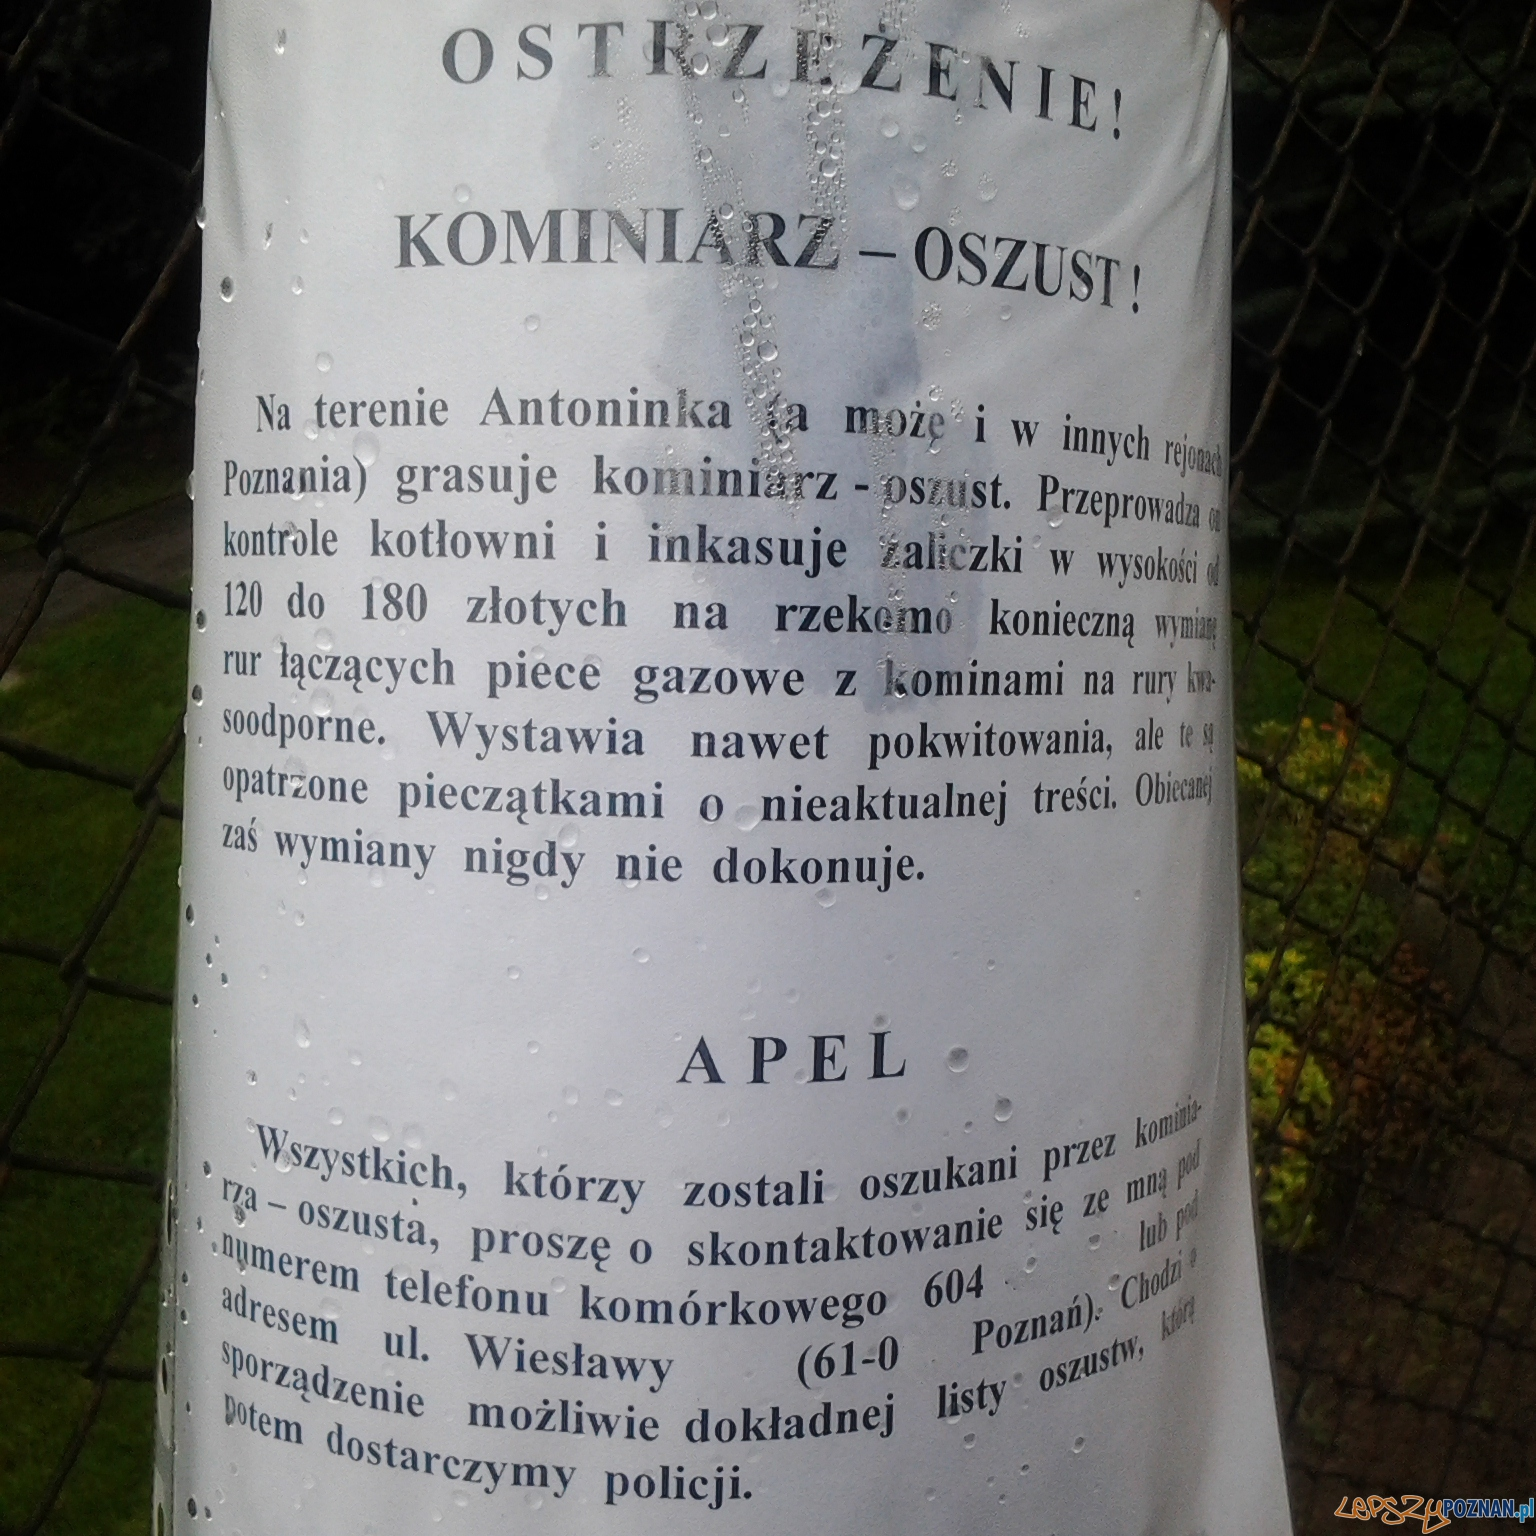 Ostrzeżenie z Antoninka  Foto: lepszyPOZNAN.pl / gsm